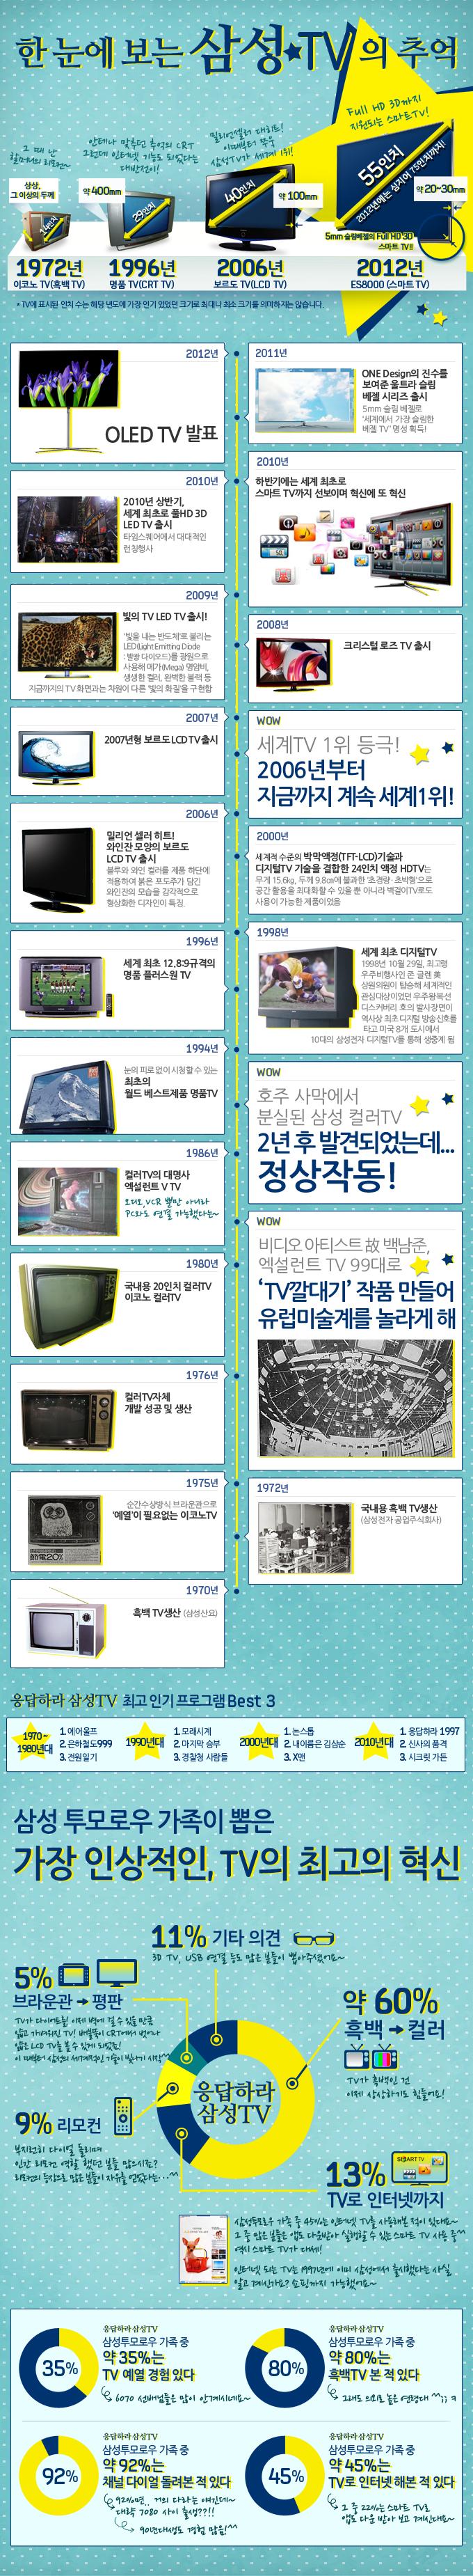 121004_blog_삼성TV의추억-infographic